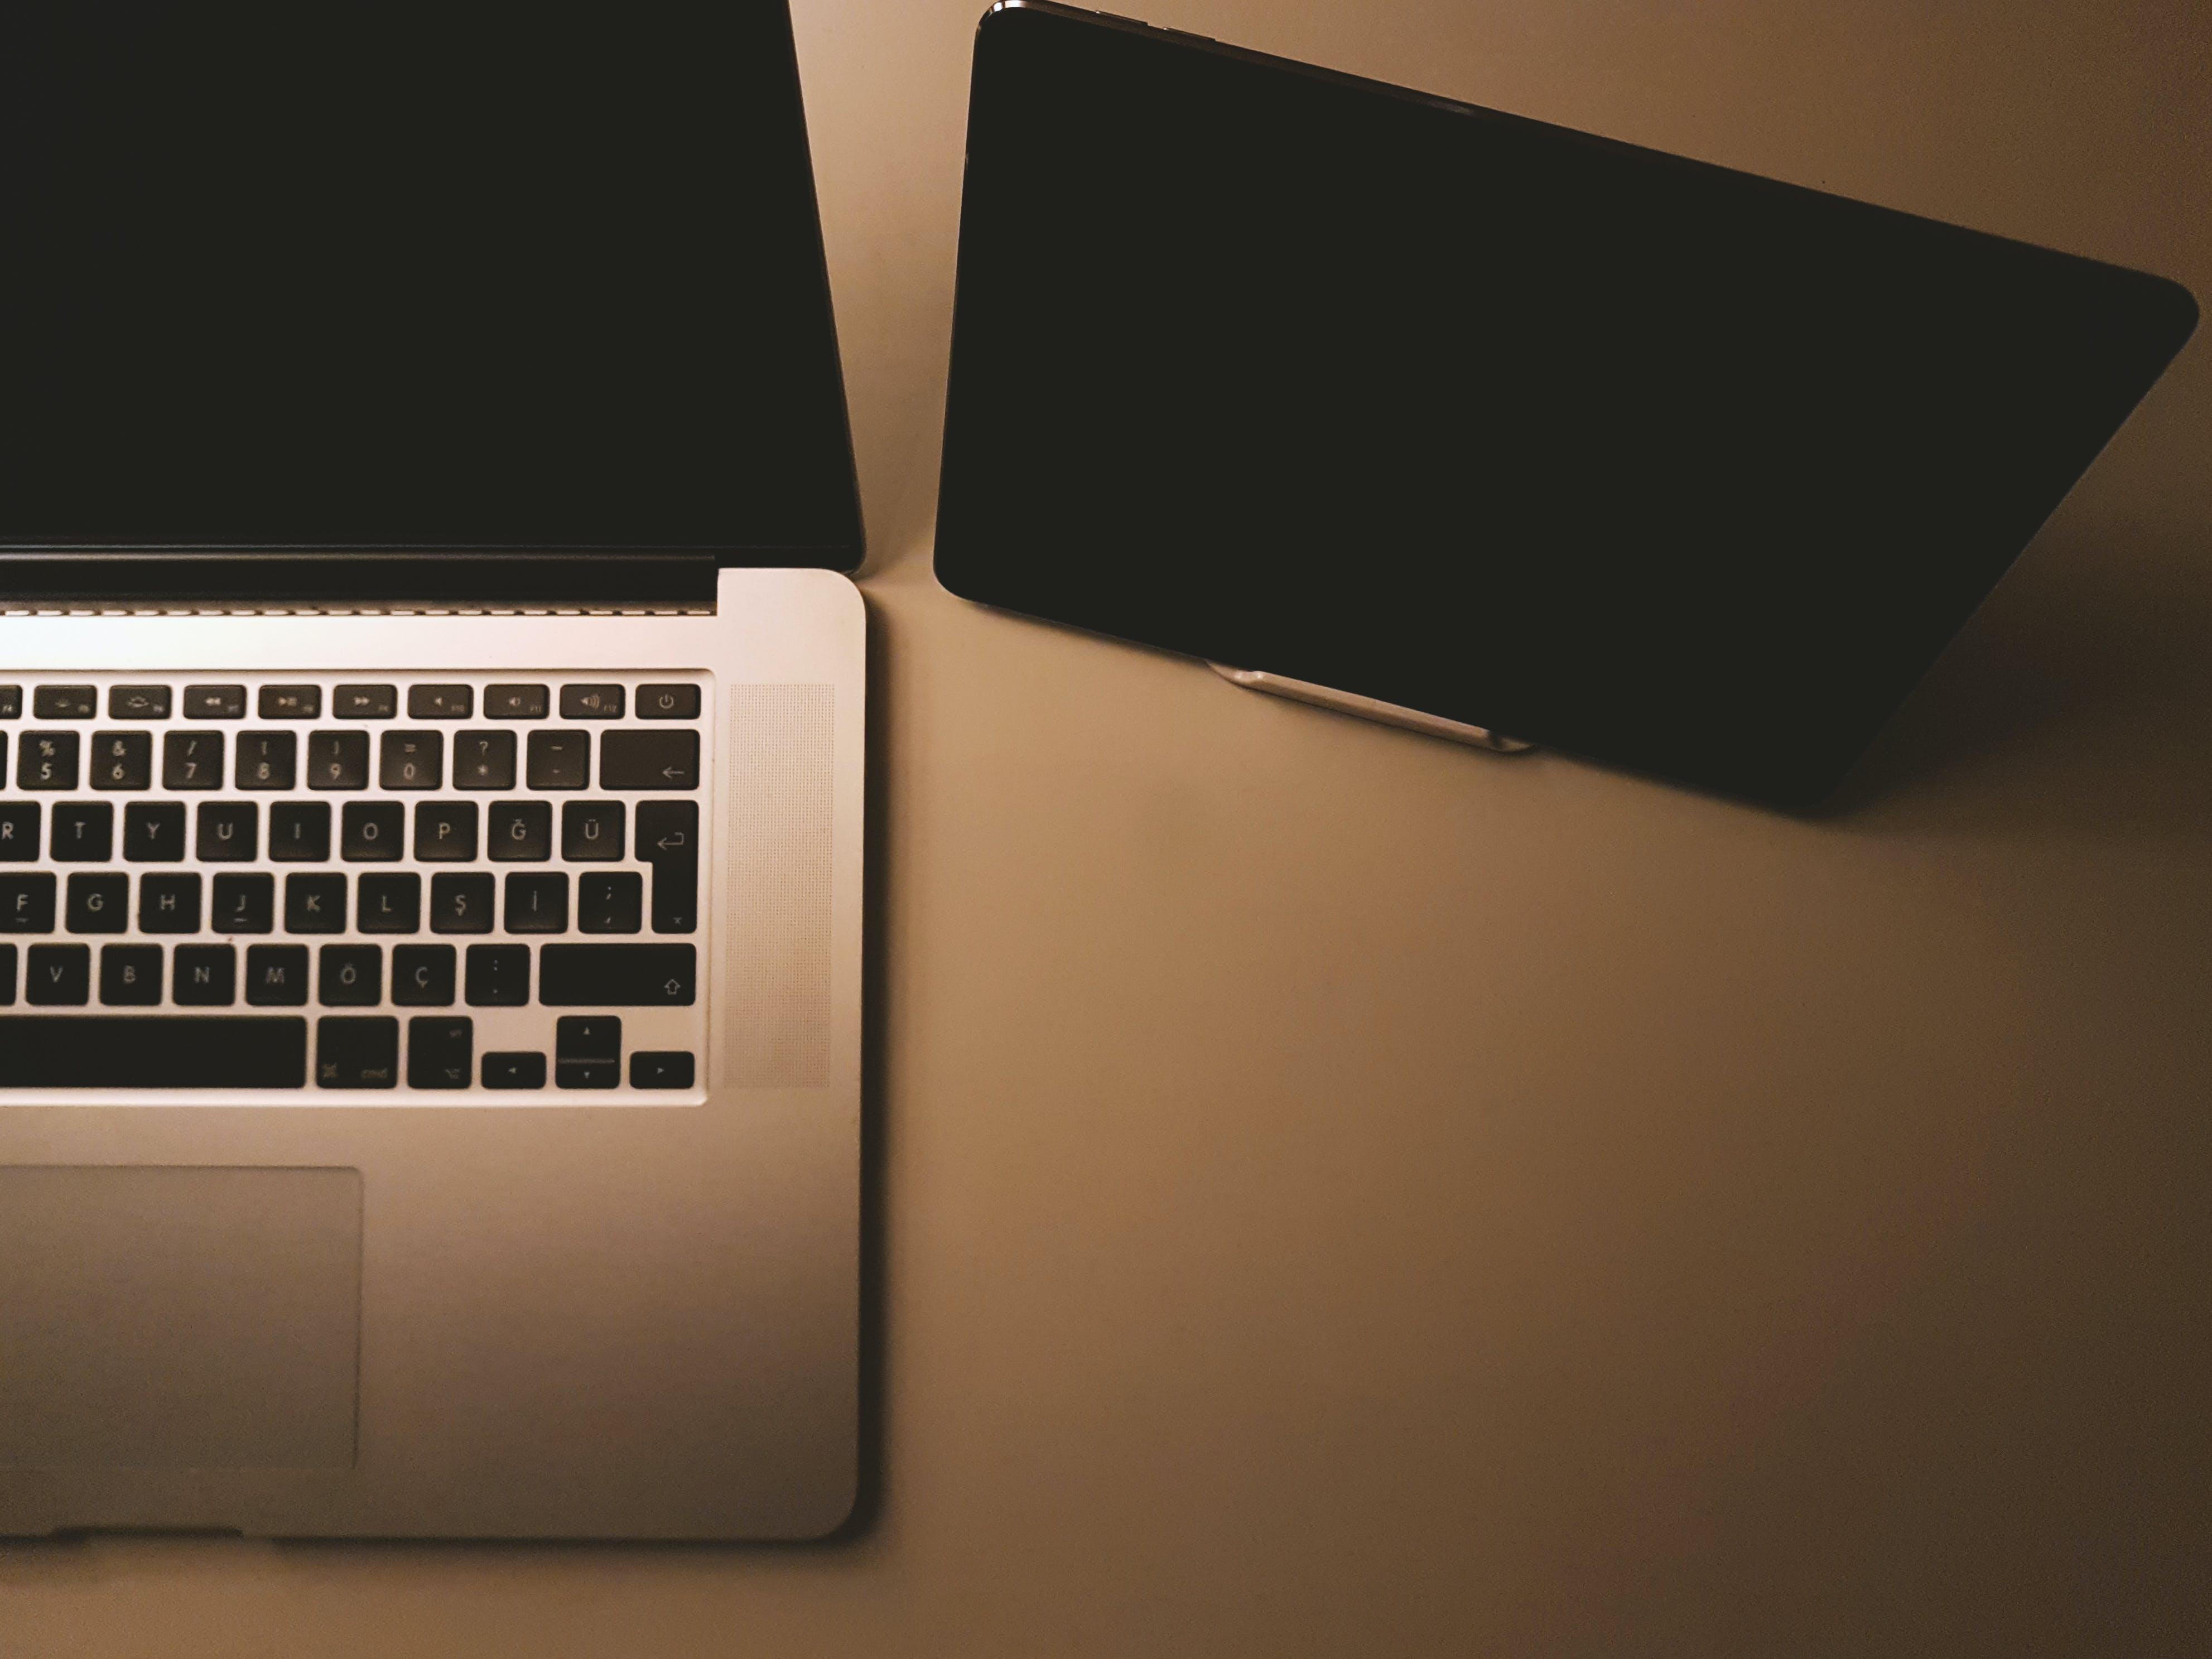 bærbar datamaskin, elektronikk, ipad